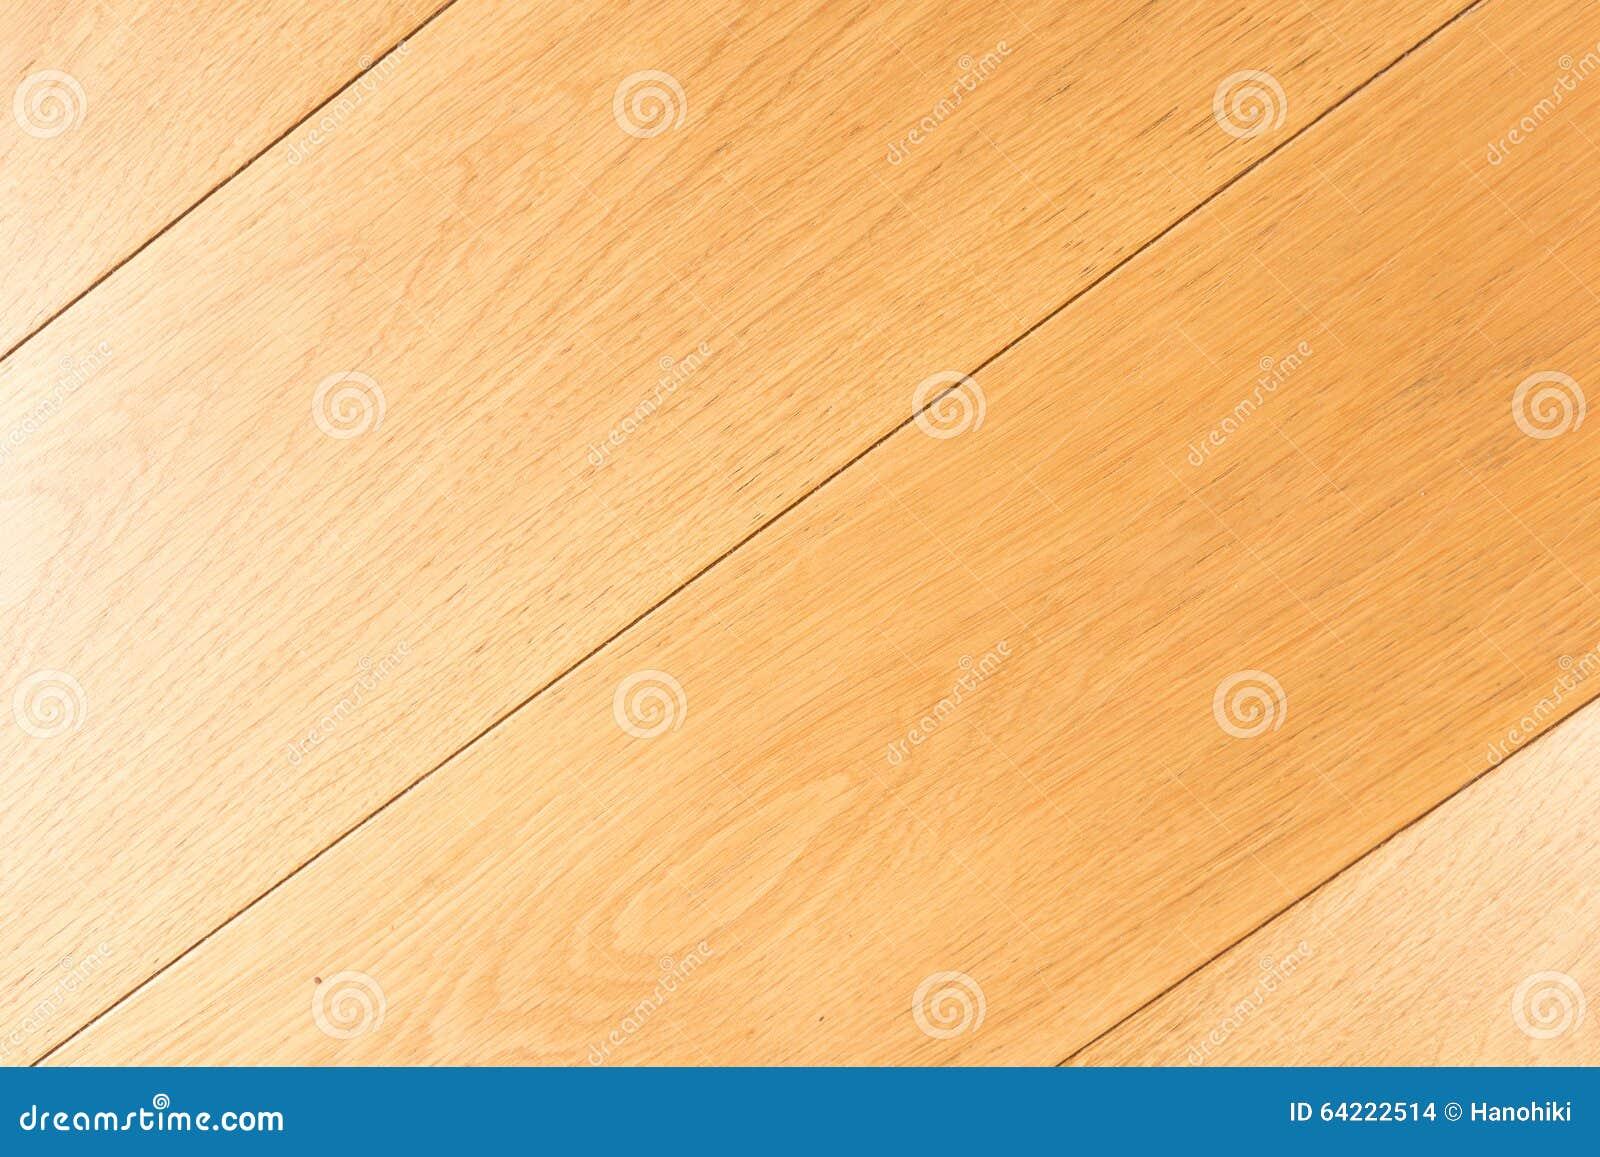 Fußbodenbelag Legen ~ Eichenholzfußboden parkettdetail legen sie den bodenbelag